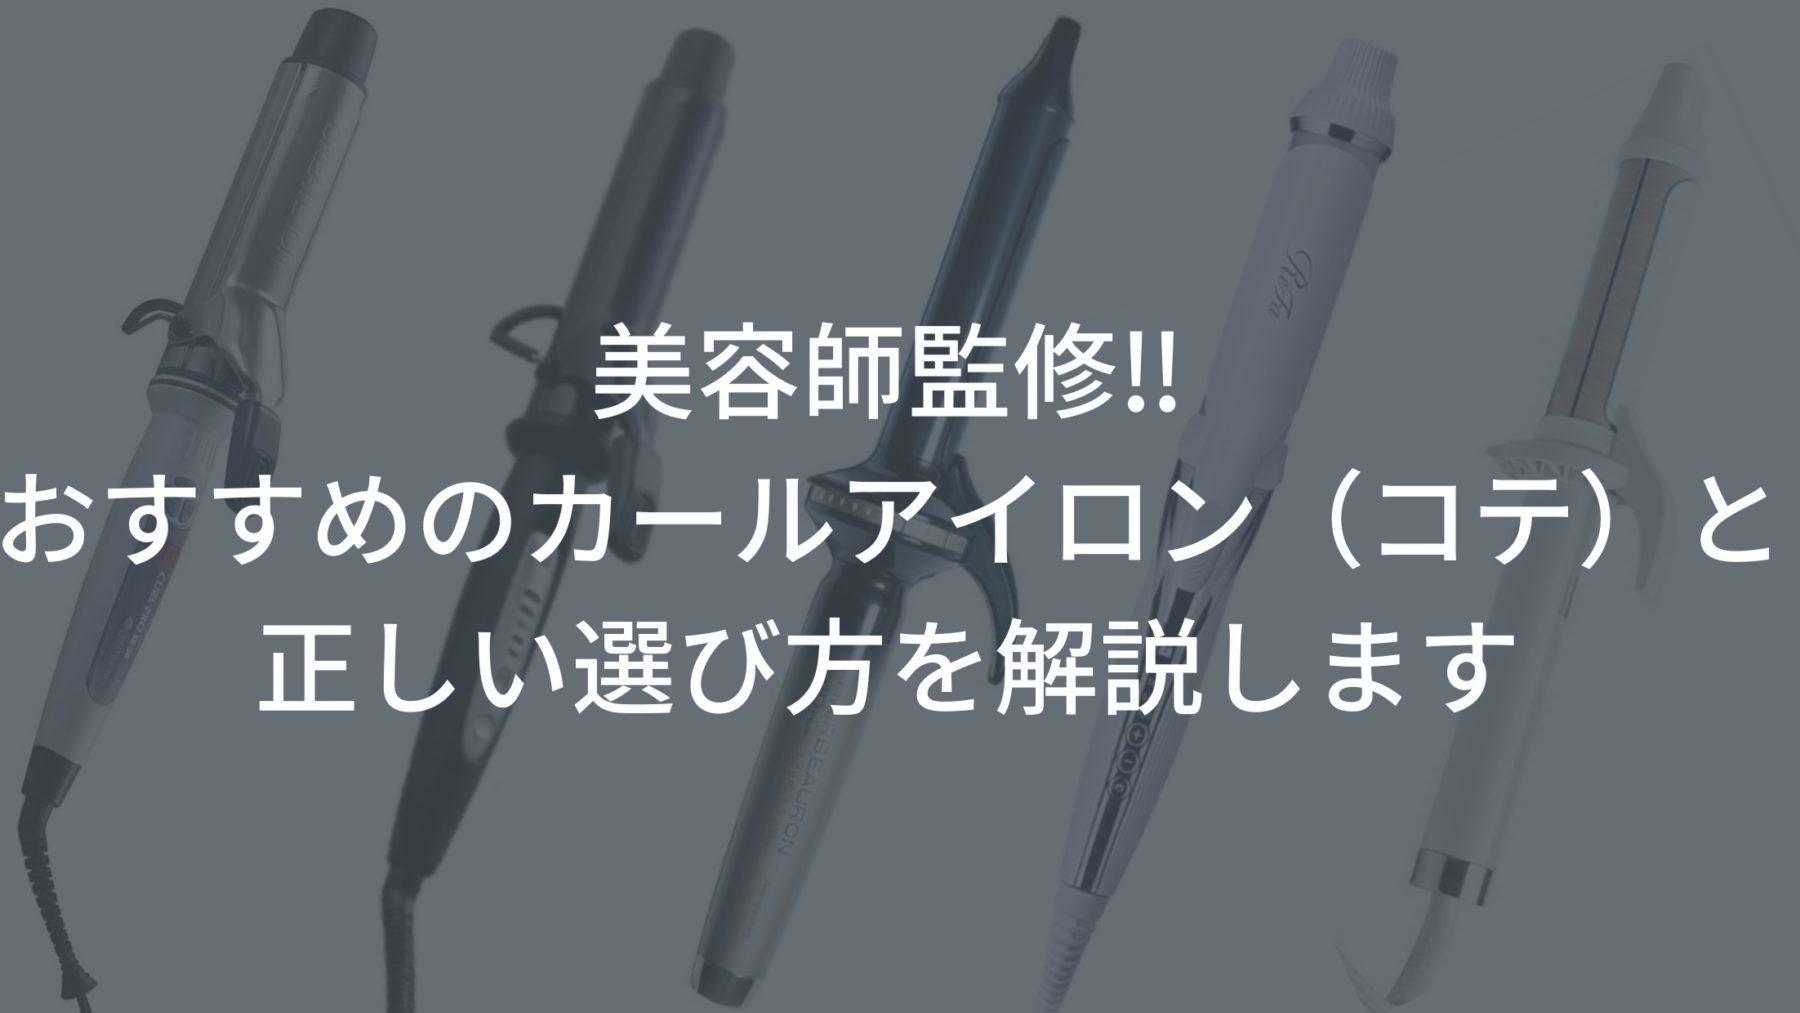 「【2021年最新版】もう痛ませない!!美容師おすすめのコテ5選と正しい選び方を解説」のアイキャッチ画像